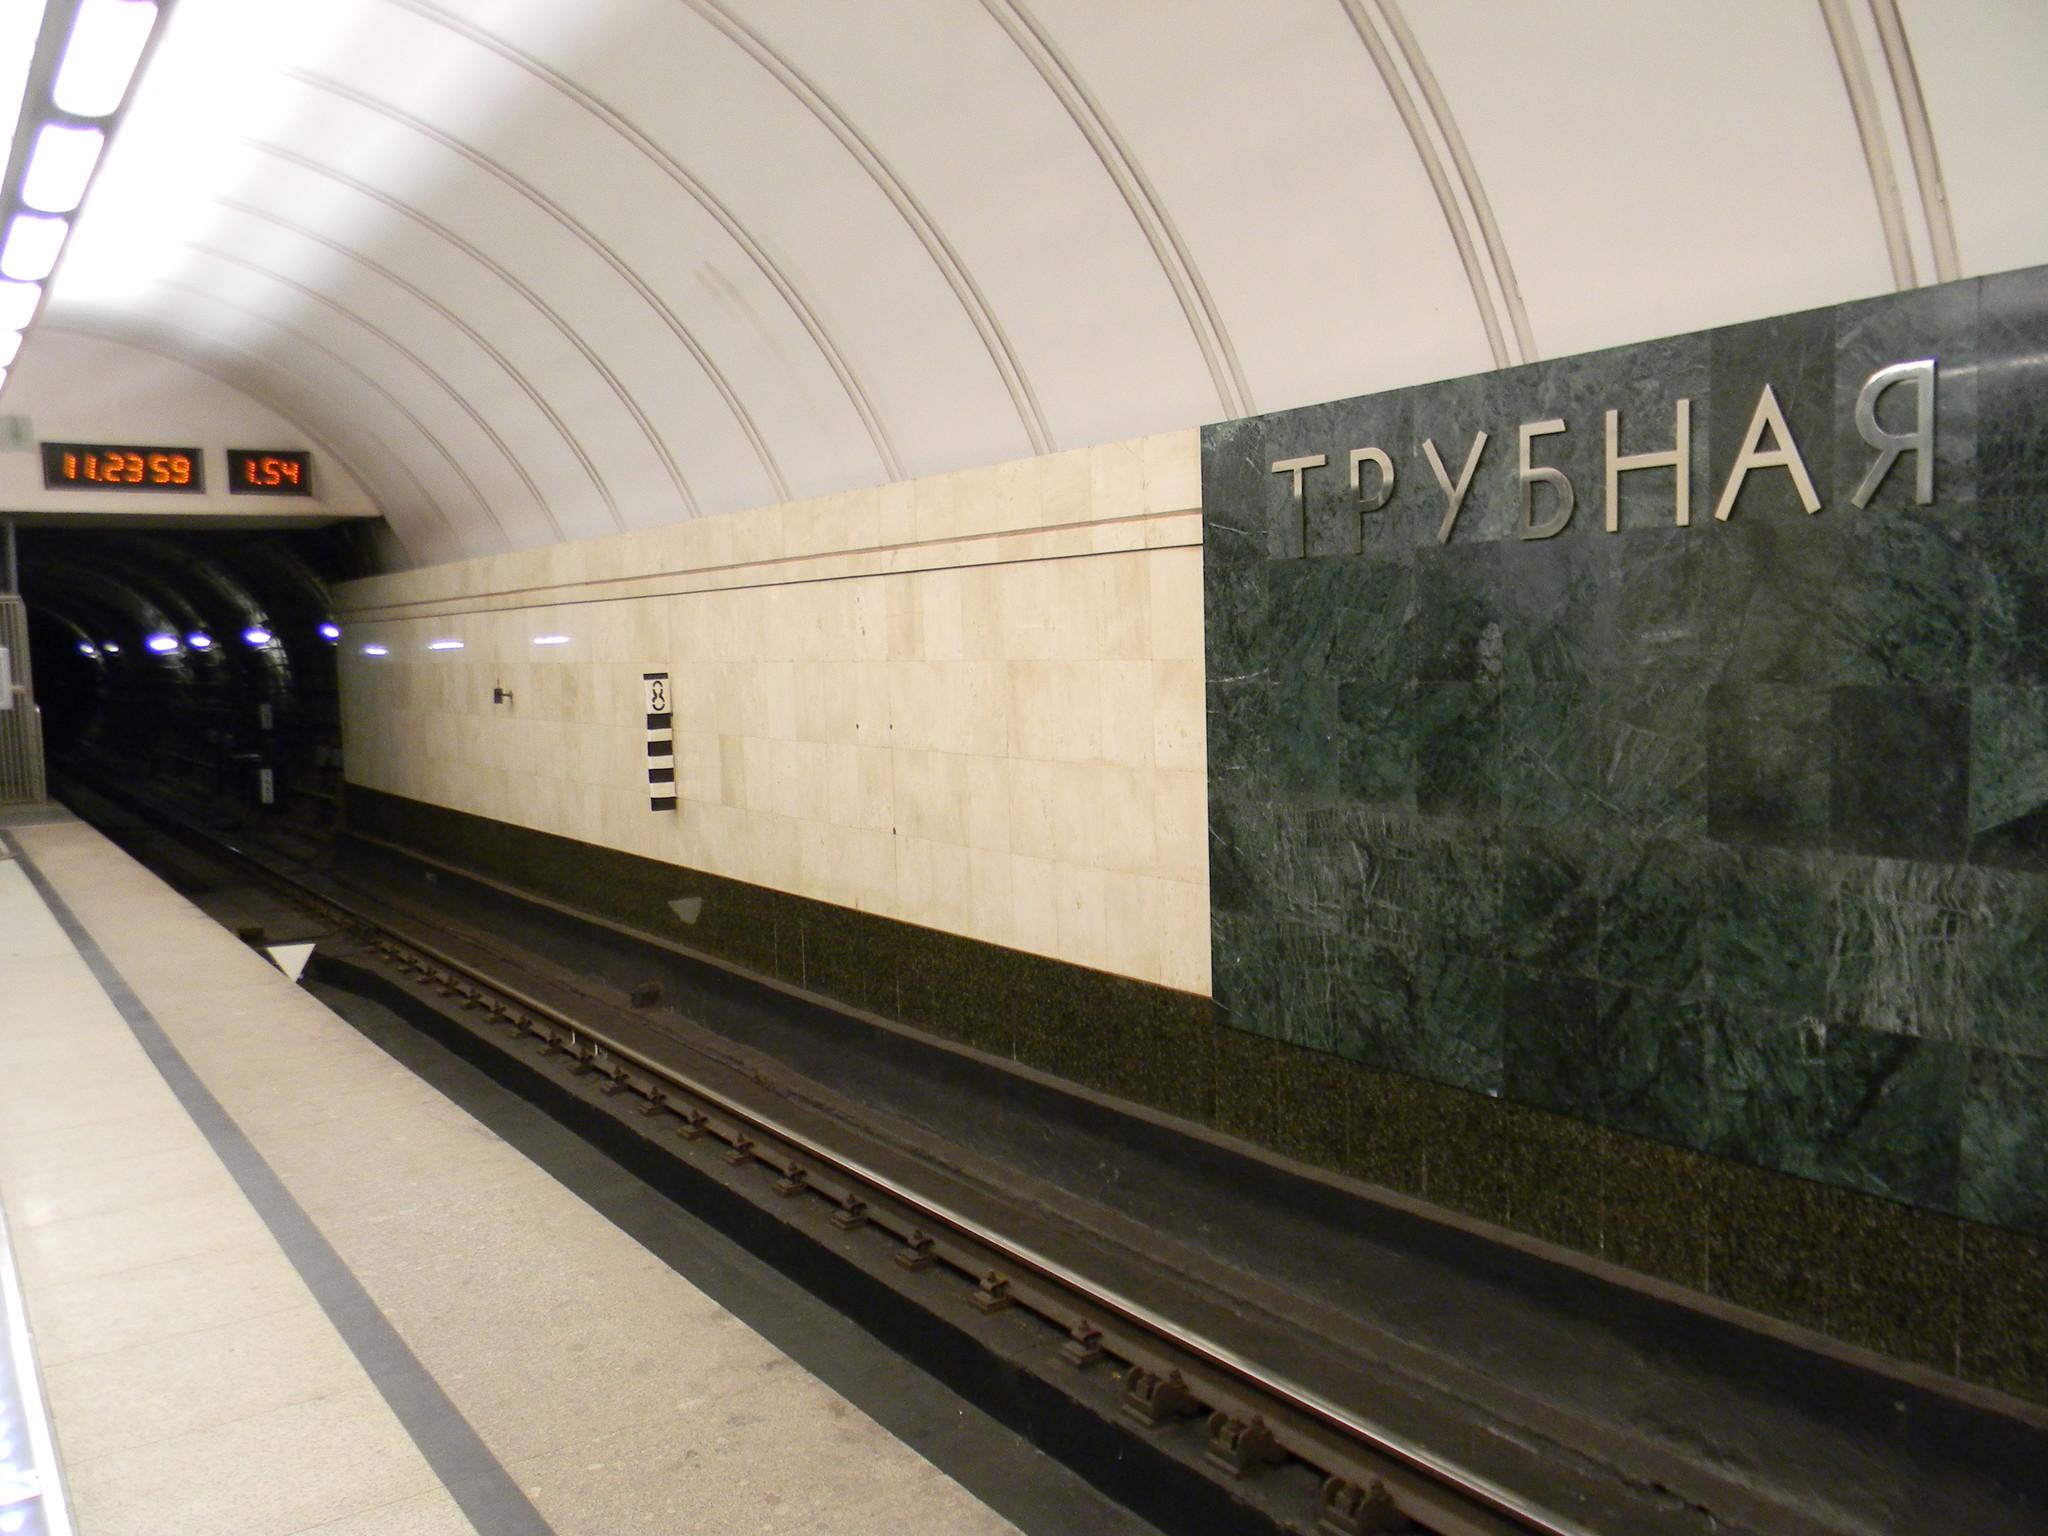 Станция метро «Трубная»